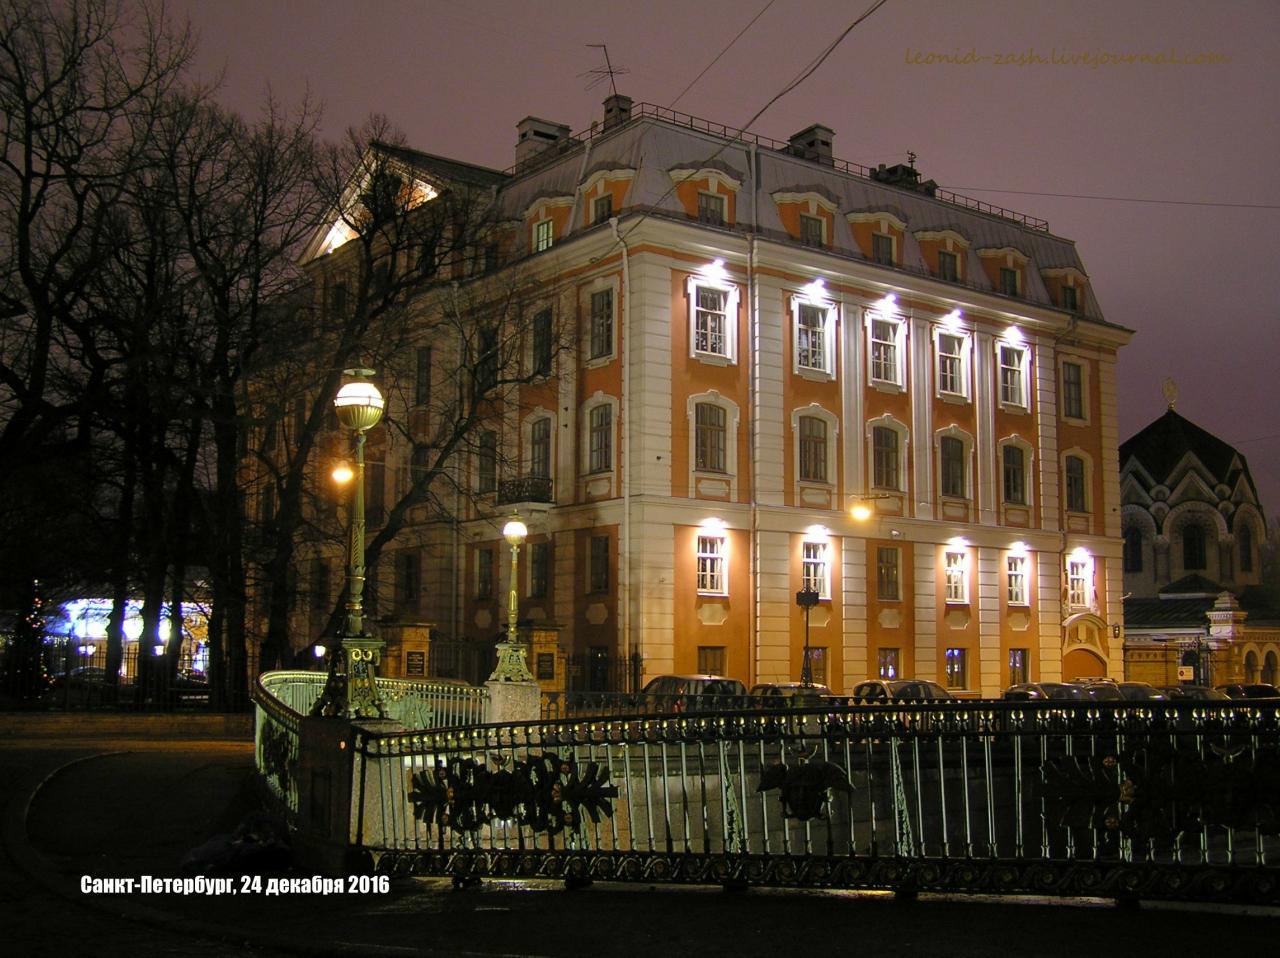 Санкт-Петербург 08.JPG